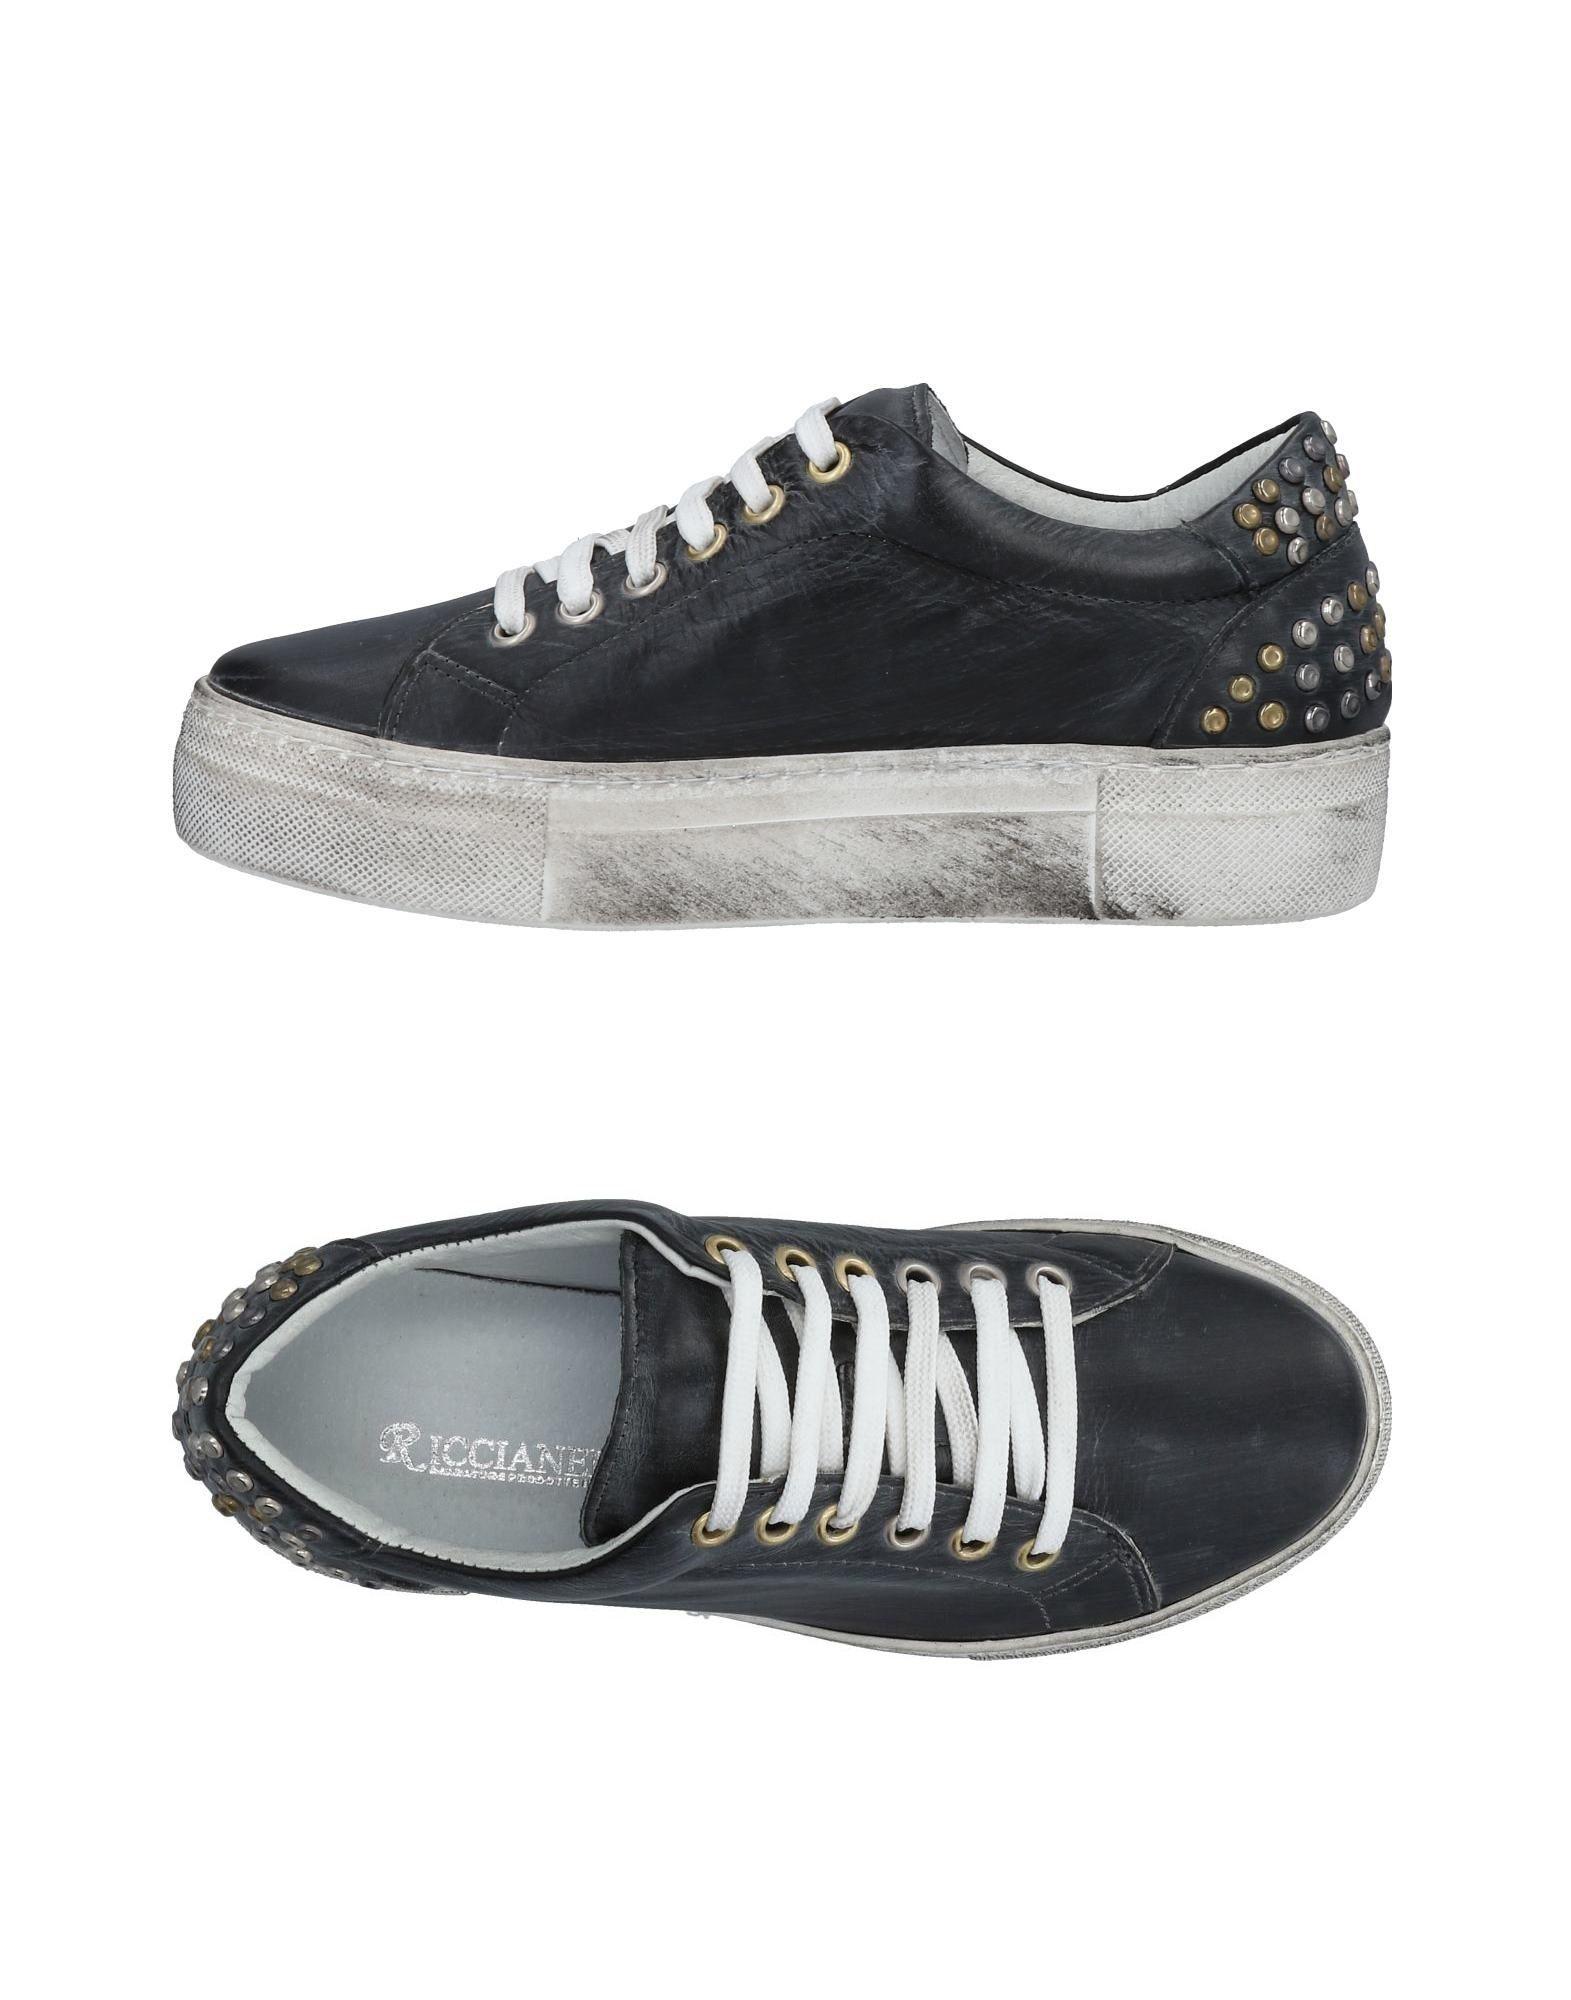 Scarpe economiche e resistenti Sneakers Riccianera Donna - 11488862AL